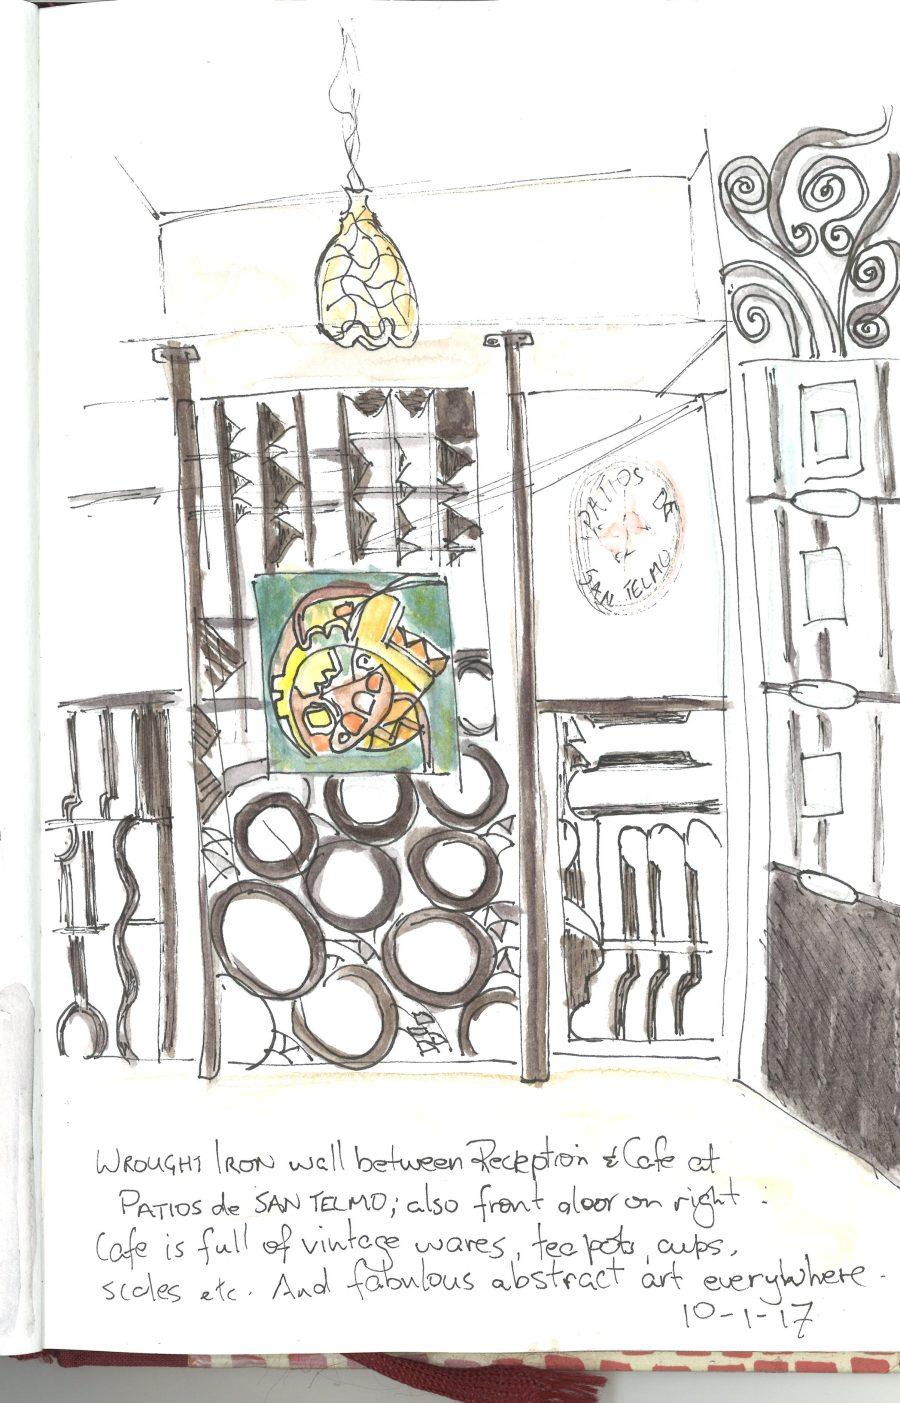 Inside Patios de San Telmo sketch